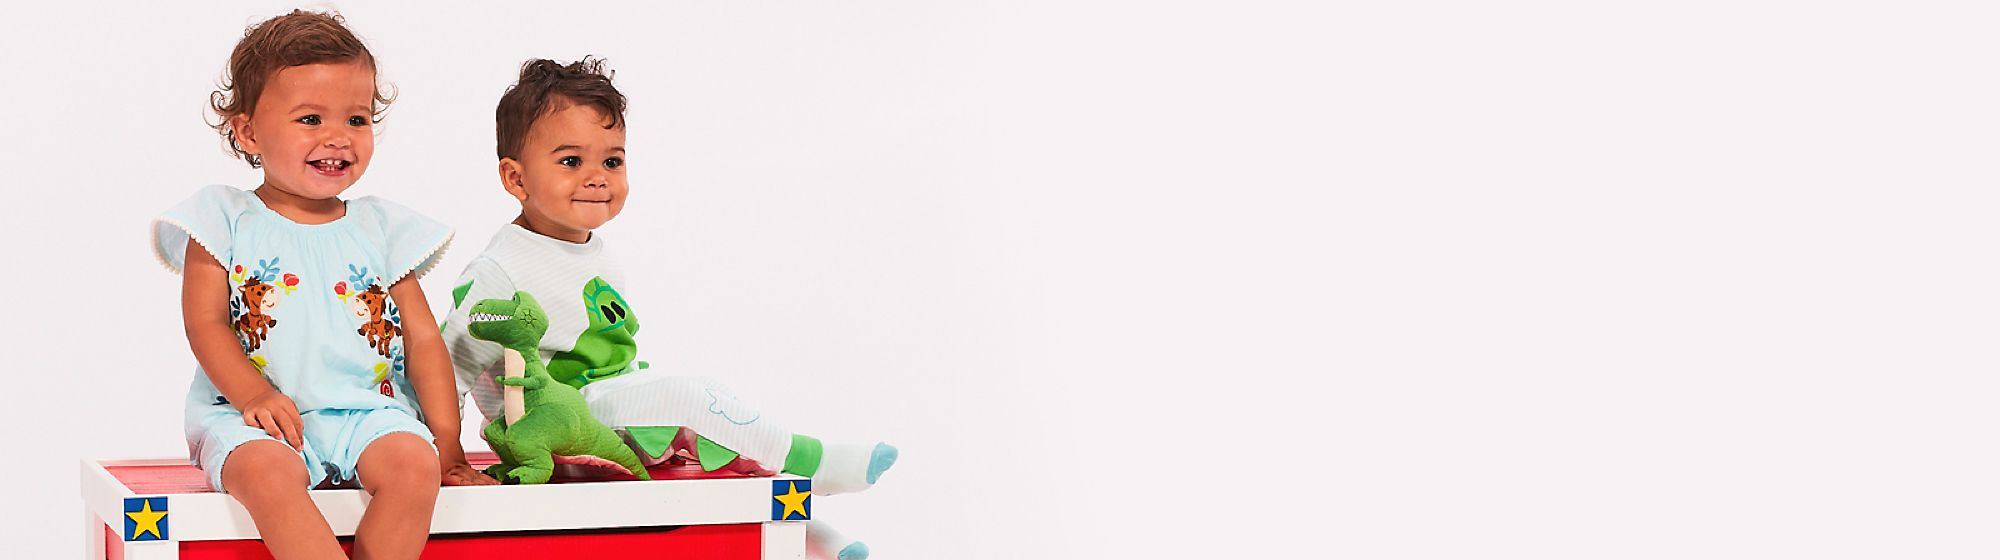 Vêtements Enveloppez vos bambins de la magie Disney ! Barboteuses, déguisements et peignoirs, choisissez parmi les nombreux vêtements bébé !